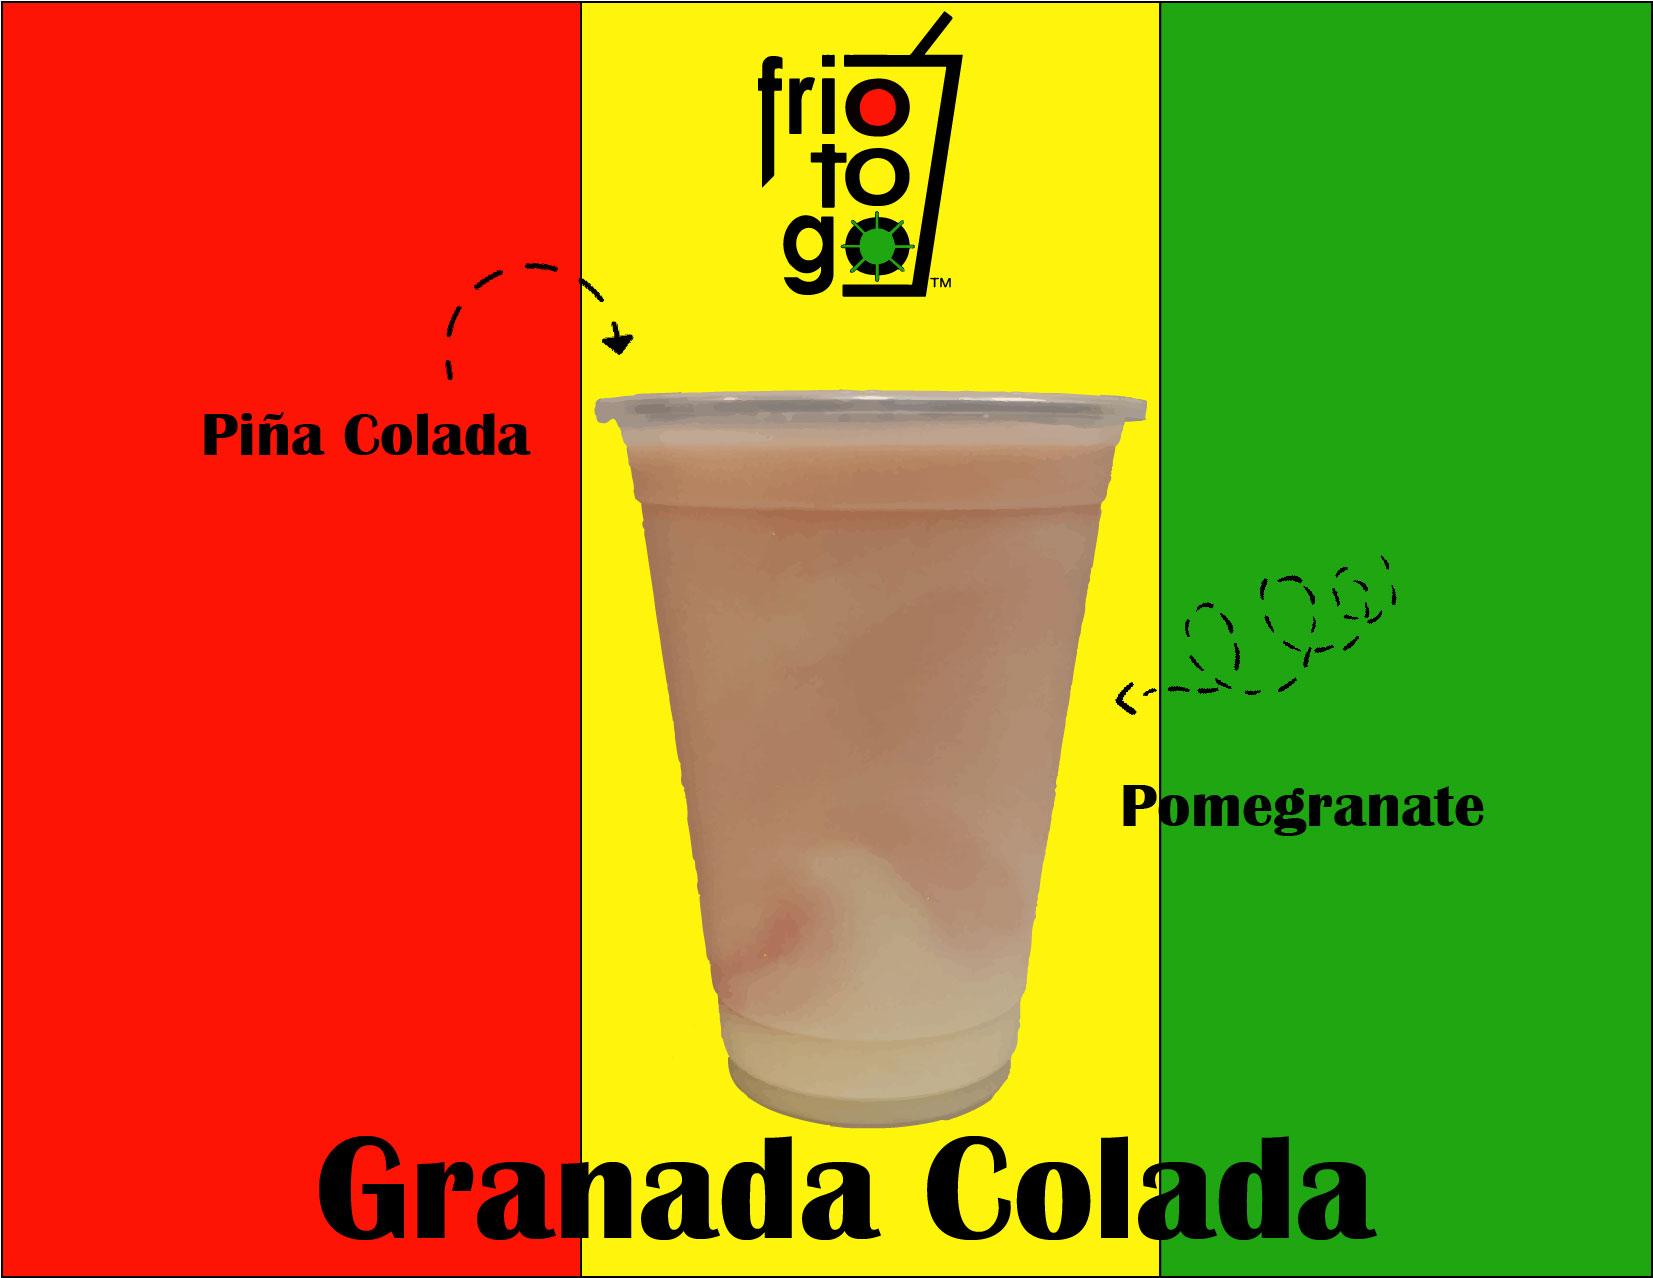 Granada Colada